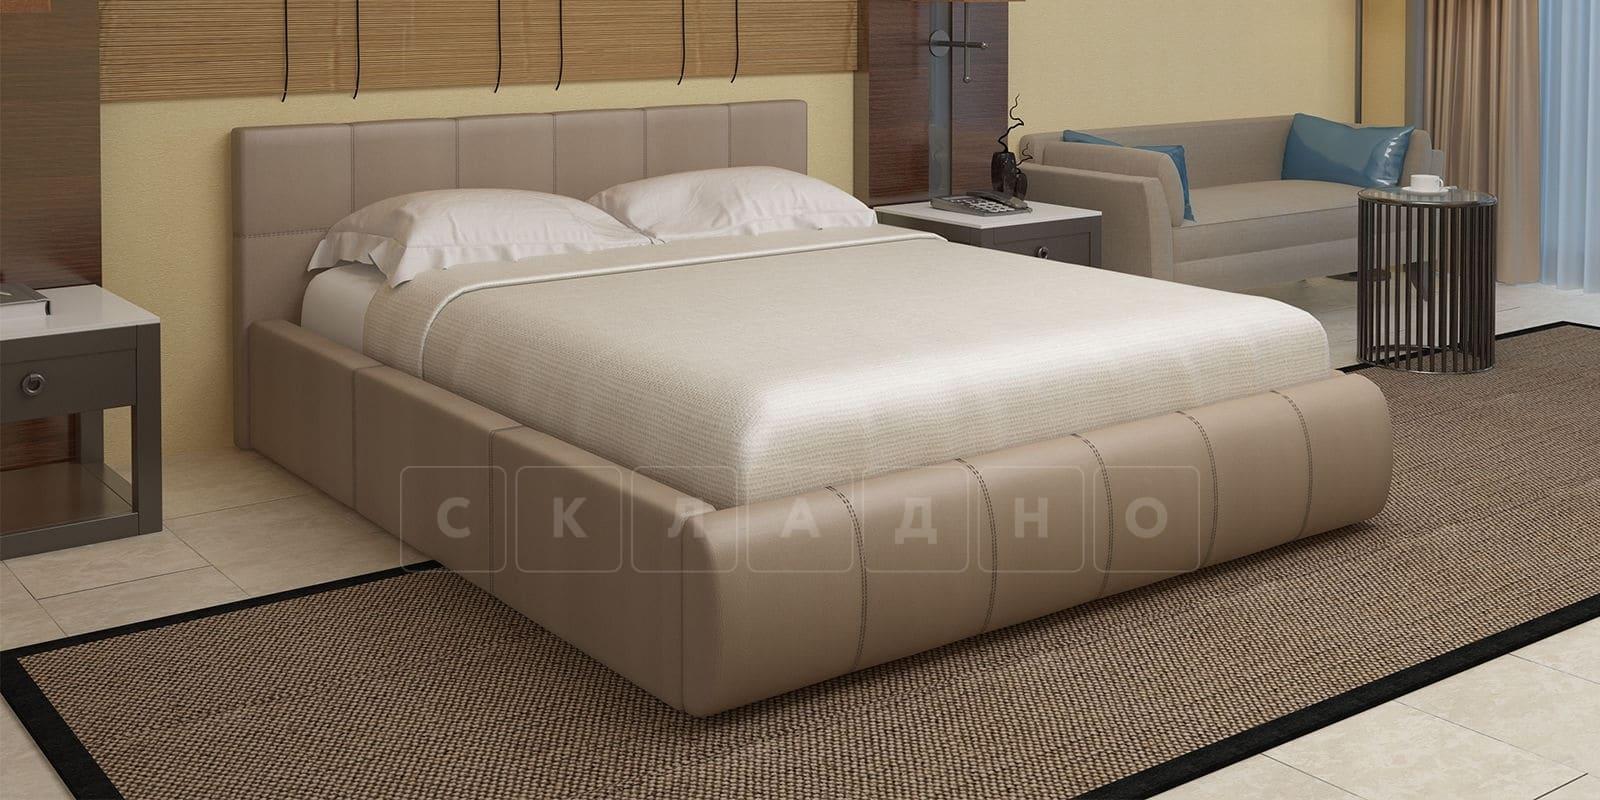 Мягкая кровать Афина 160см экокожа темно-бежевого цвета фото 1 | интернет-магазин Складно